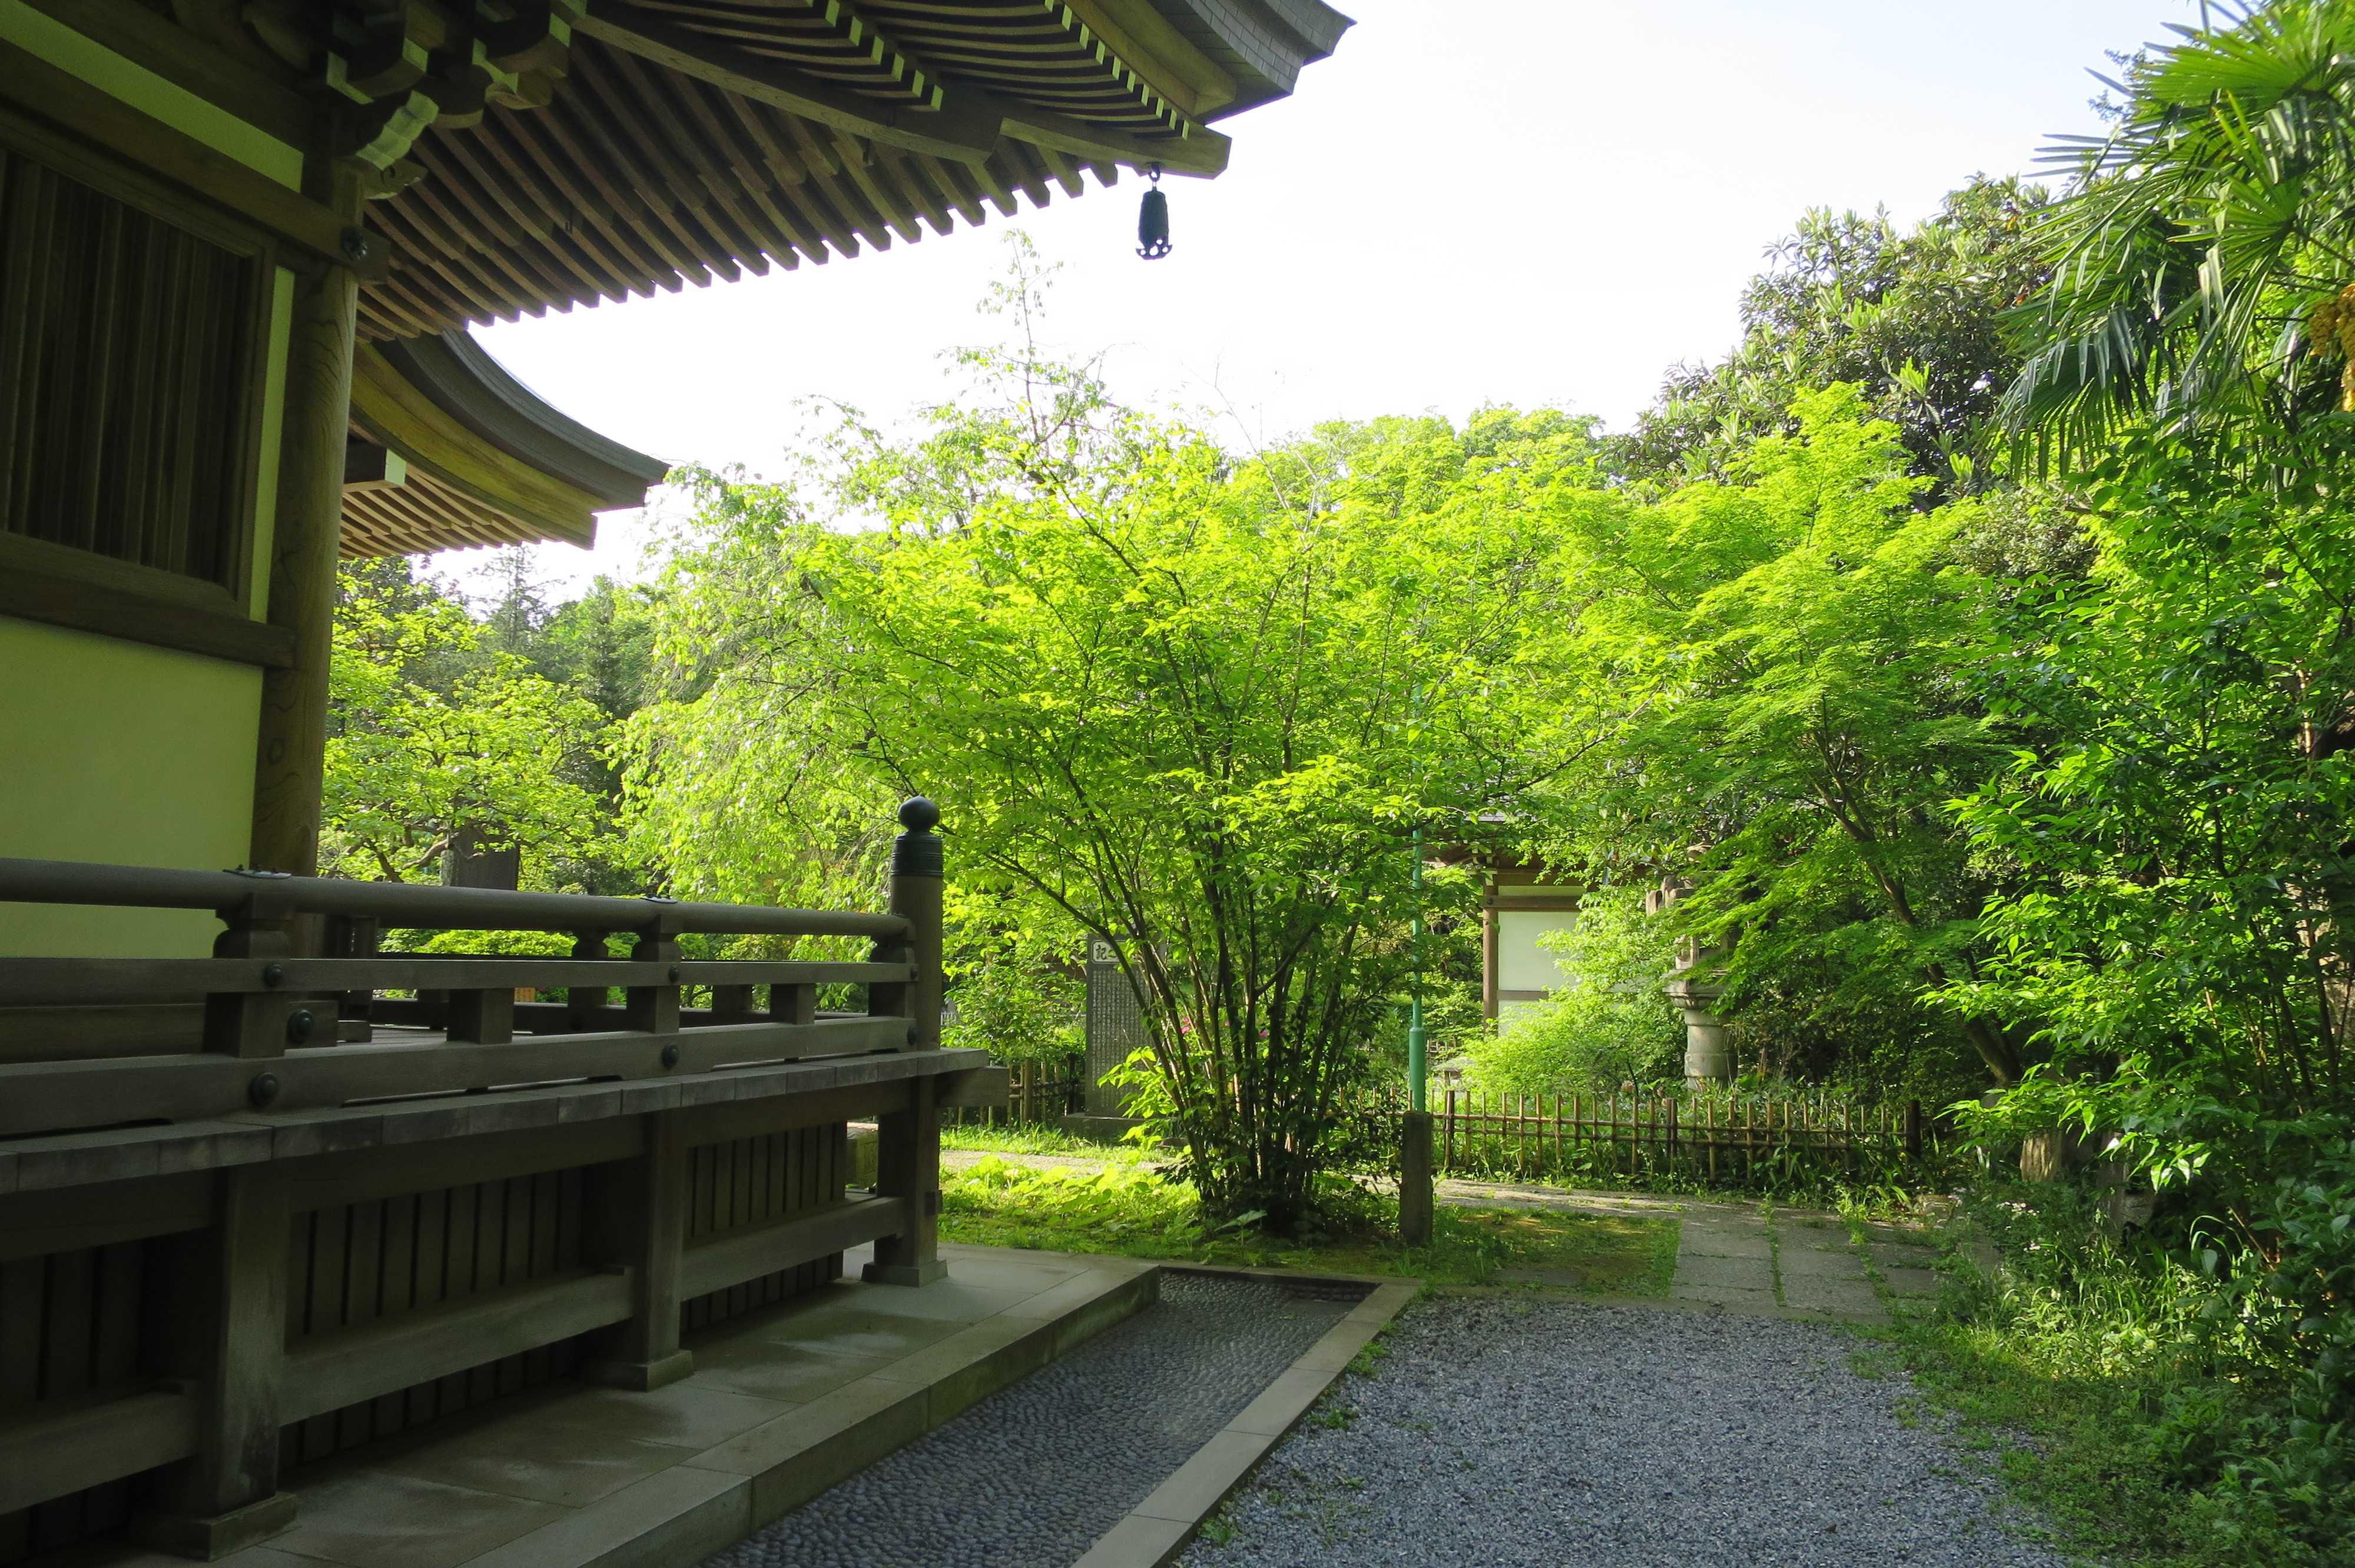 王禅寺境内の目に眩しい新緑